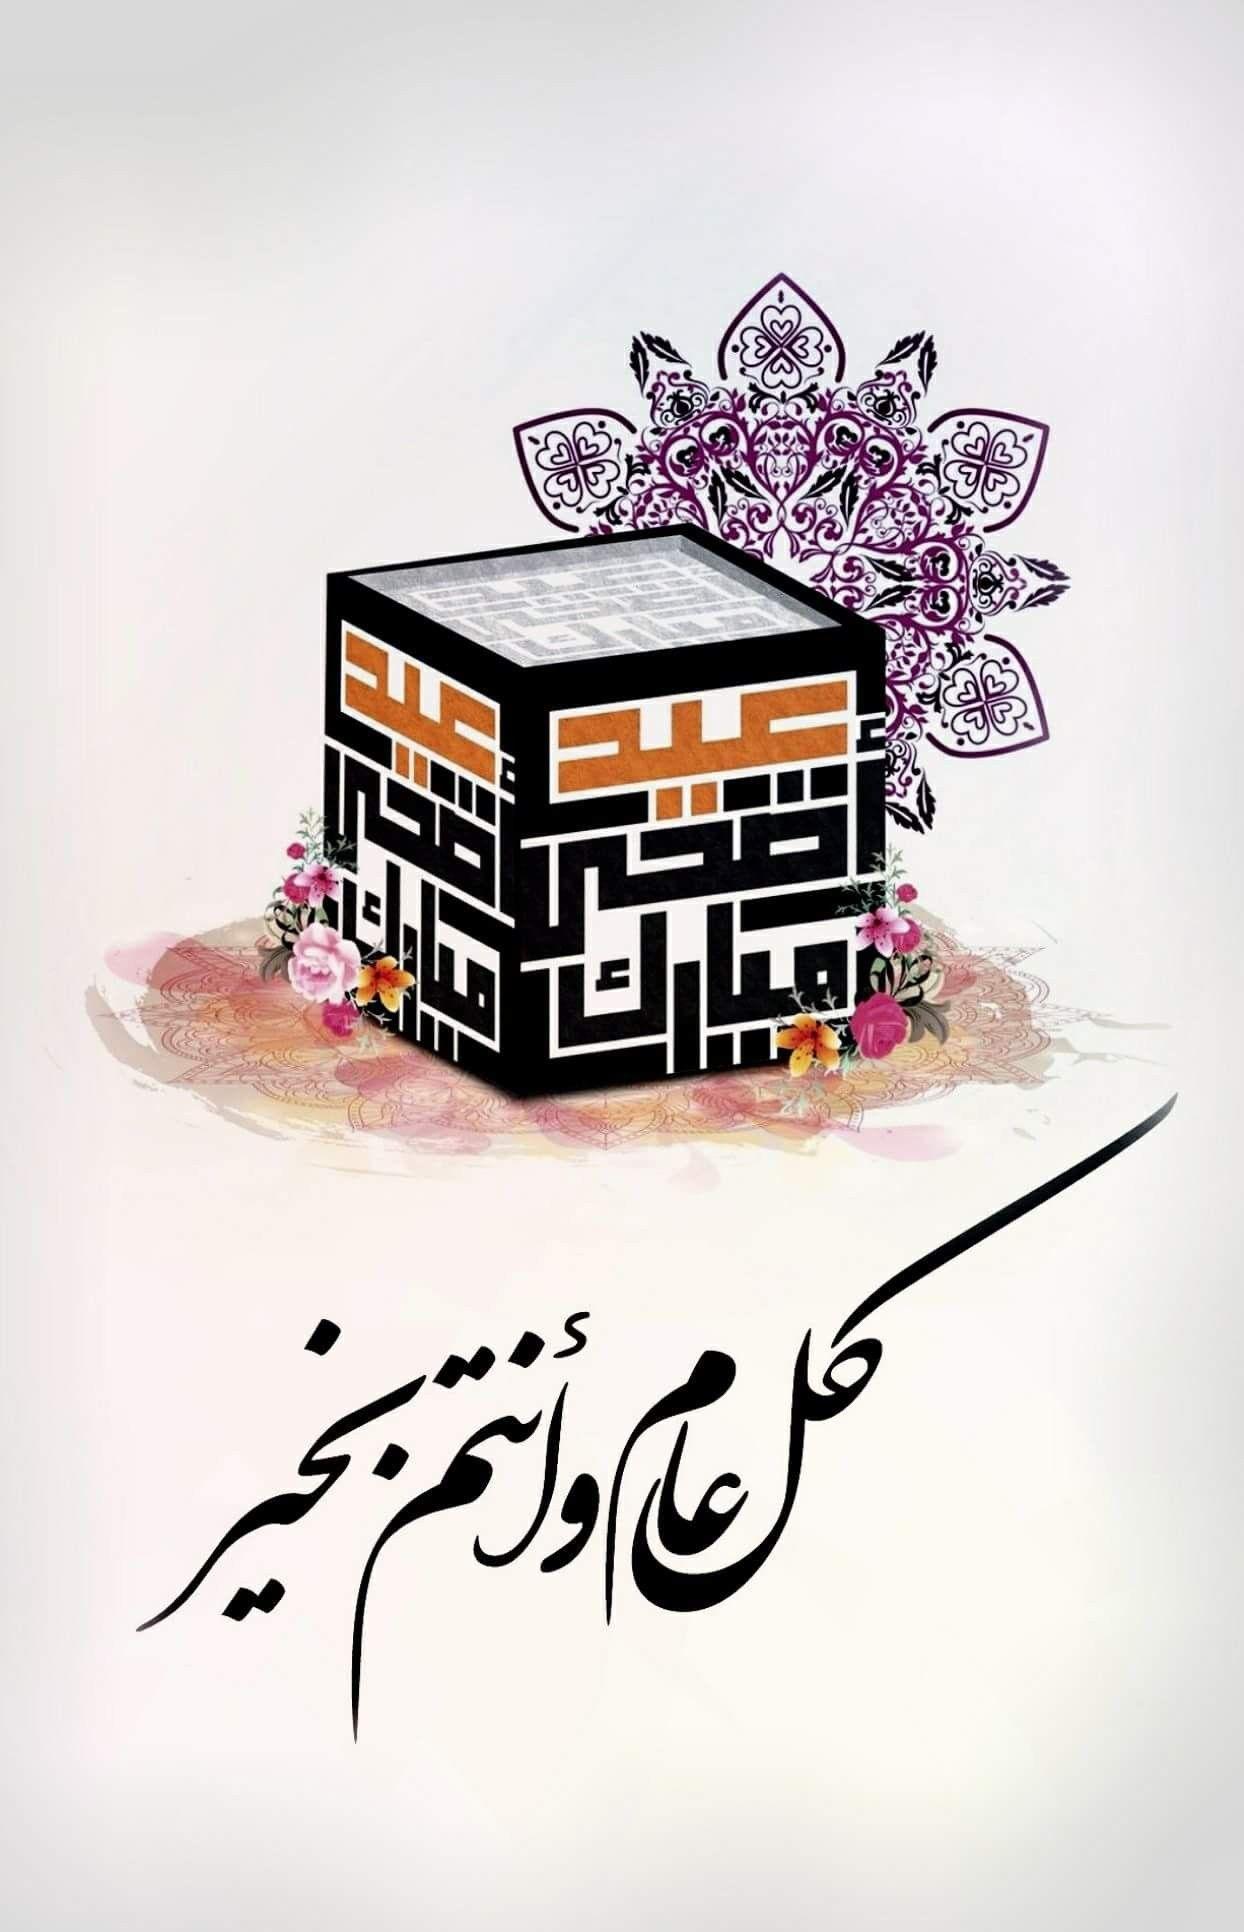 عيد اضحى مبارك كل عام وأنتم بخير والأمة الاسلامية جمعا بخير Eid Stickers Eid Crafts Eid Greetings